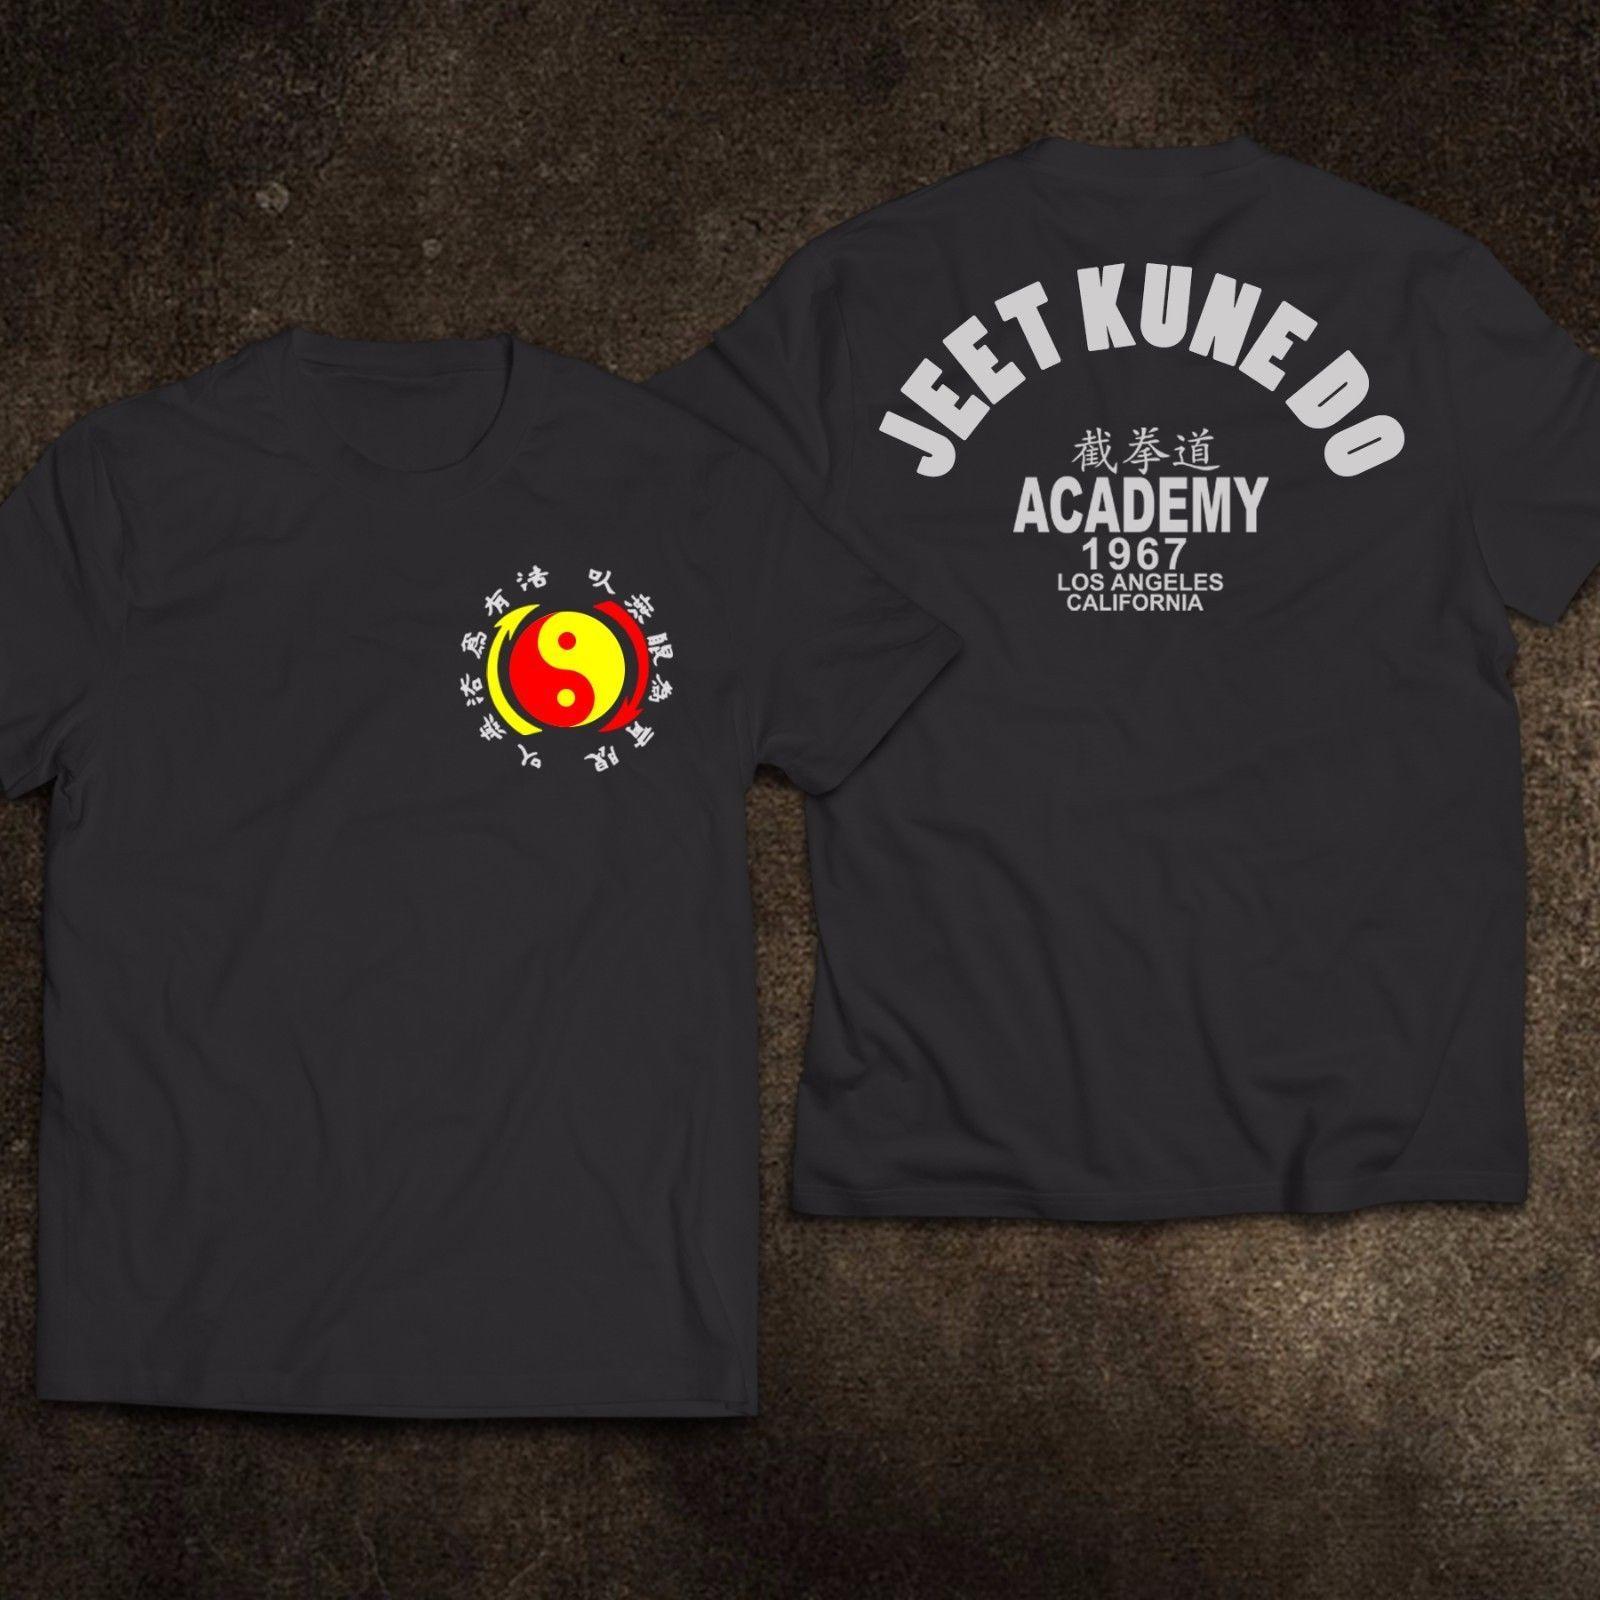 2020 Art und Weise NEW Jeet Kune Do Martial Art Academy 1967 Wing Chun Legend Kalifornien T-Shirt T-Shirt